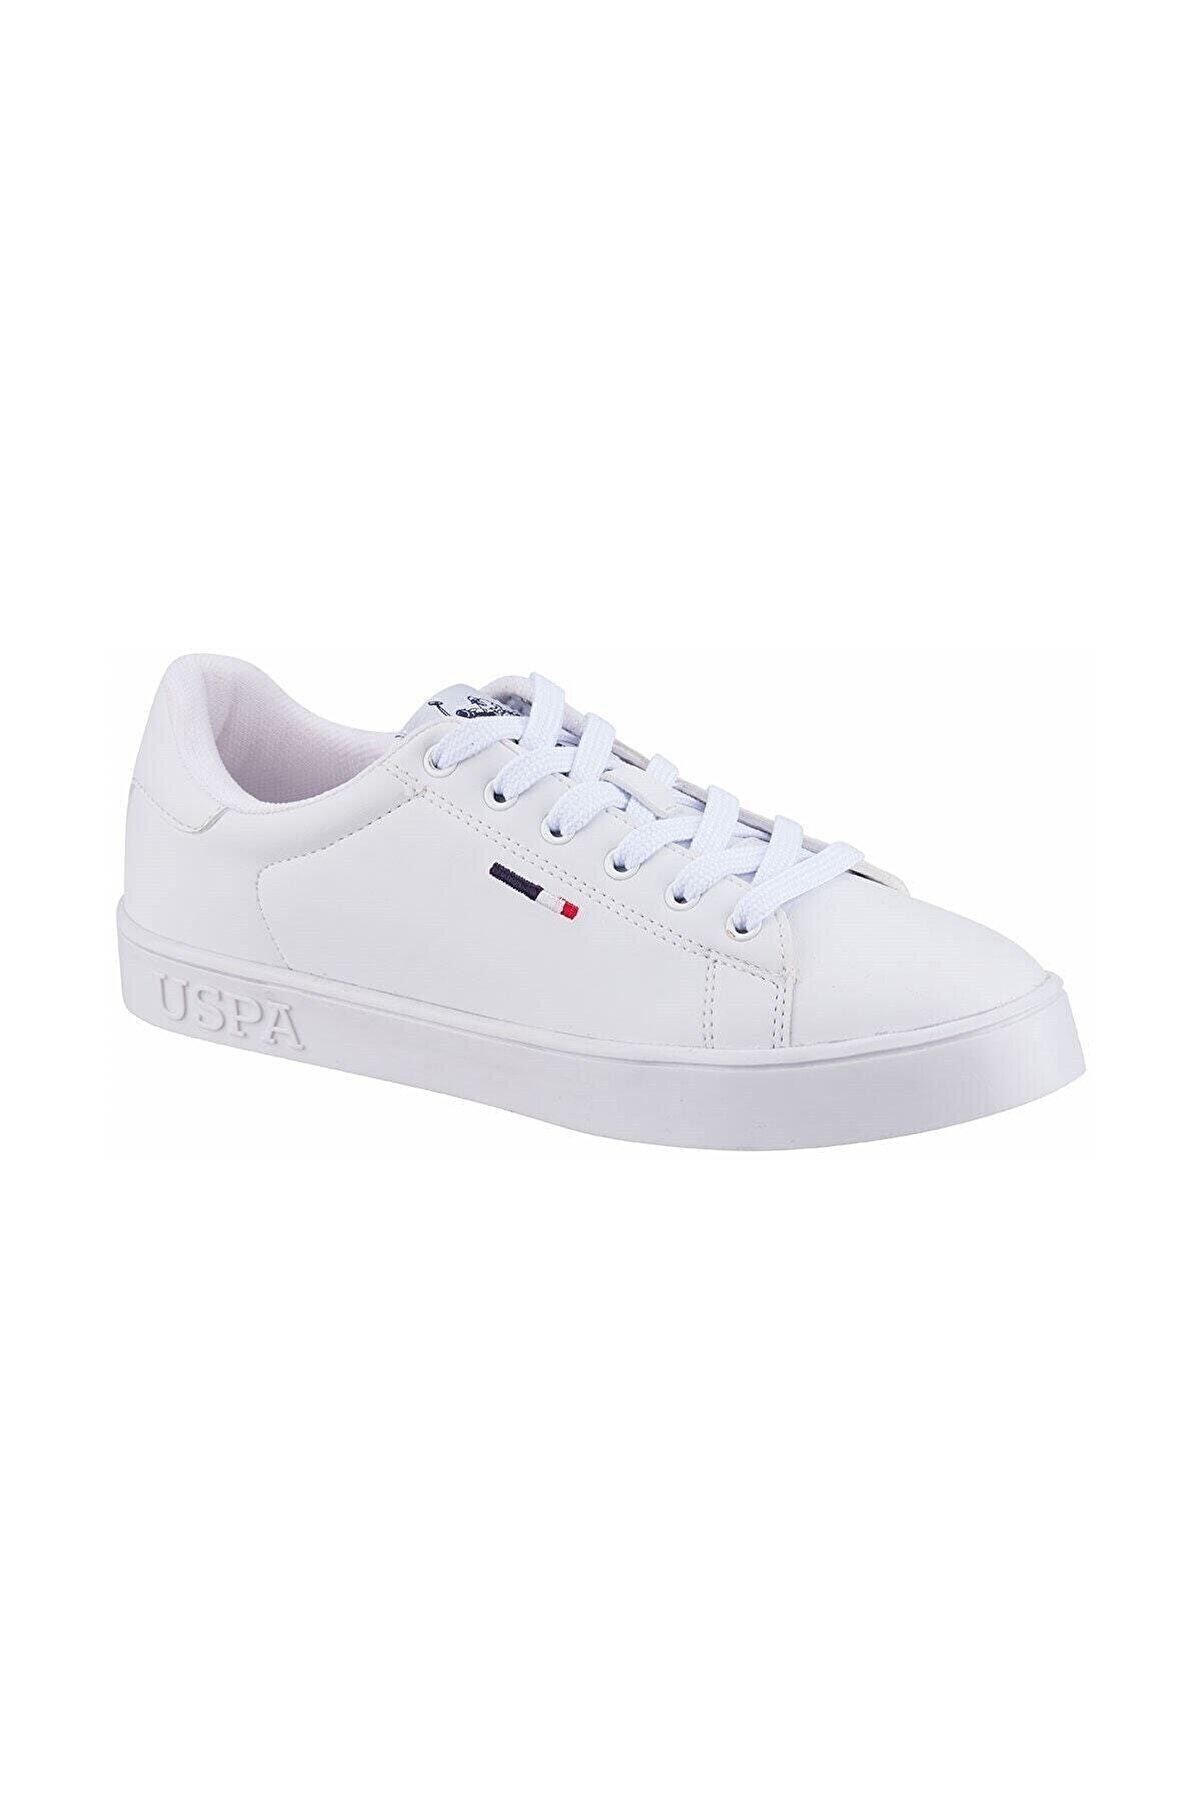 US Polo Assn As00582456 100696330 Flex 1fx Kadın Spor Ayakkabı Beyaz